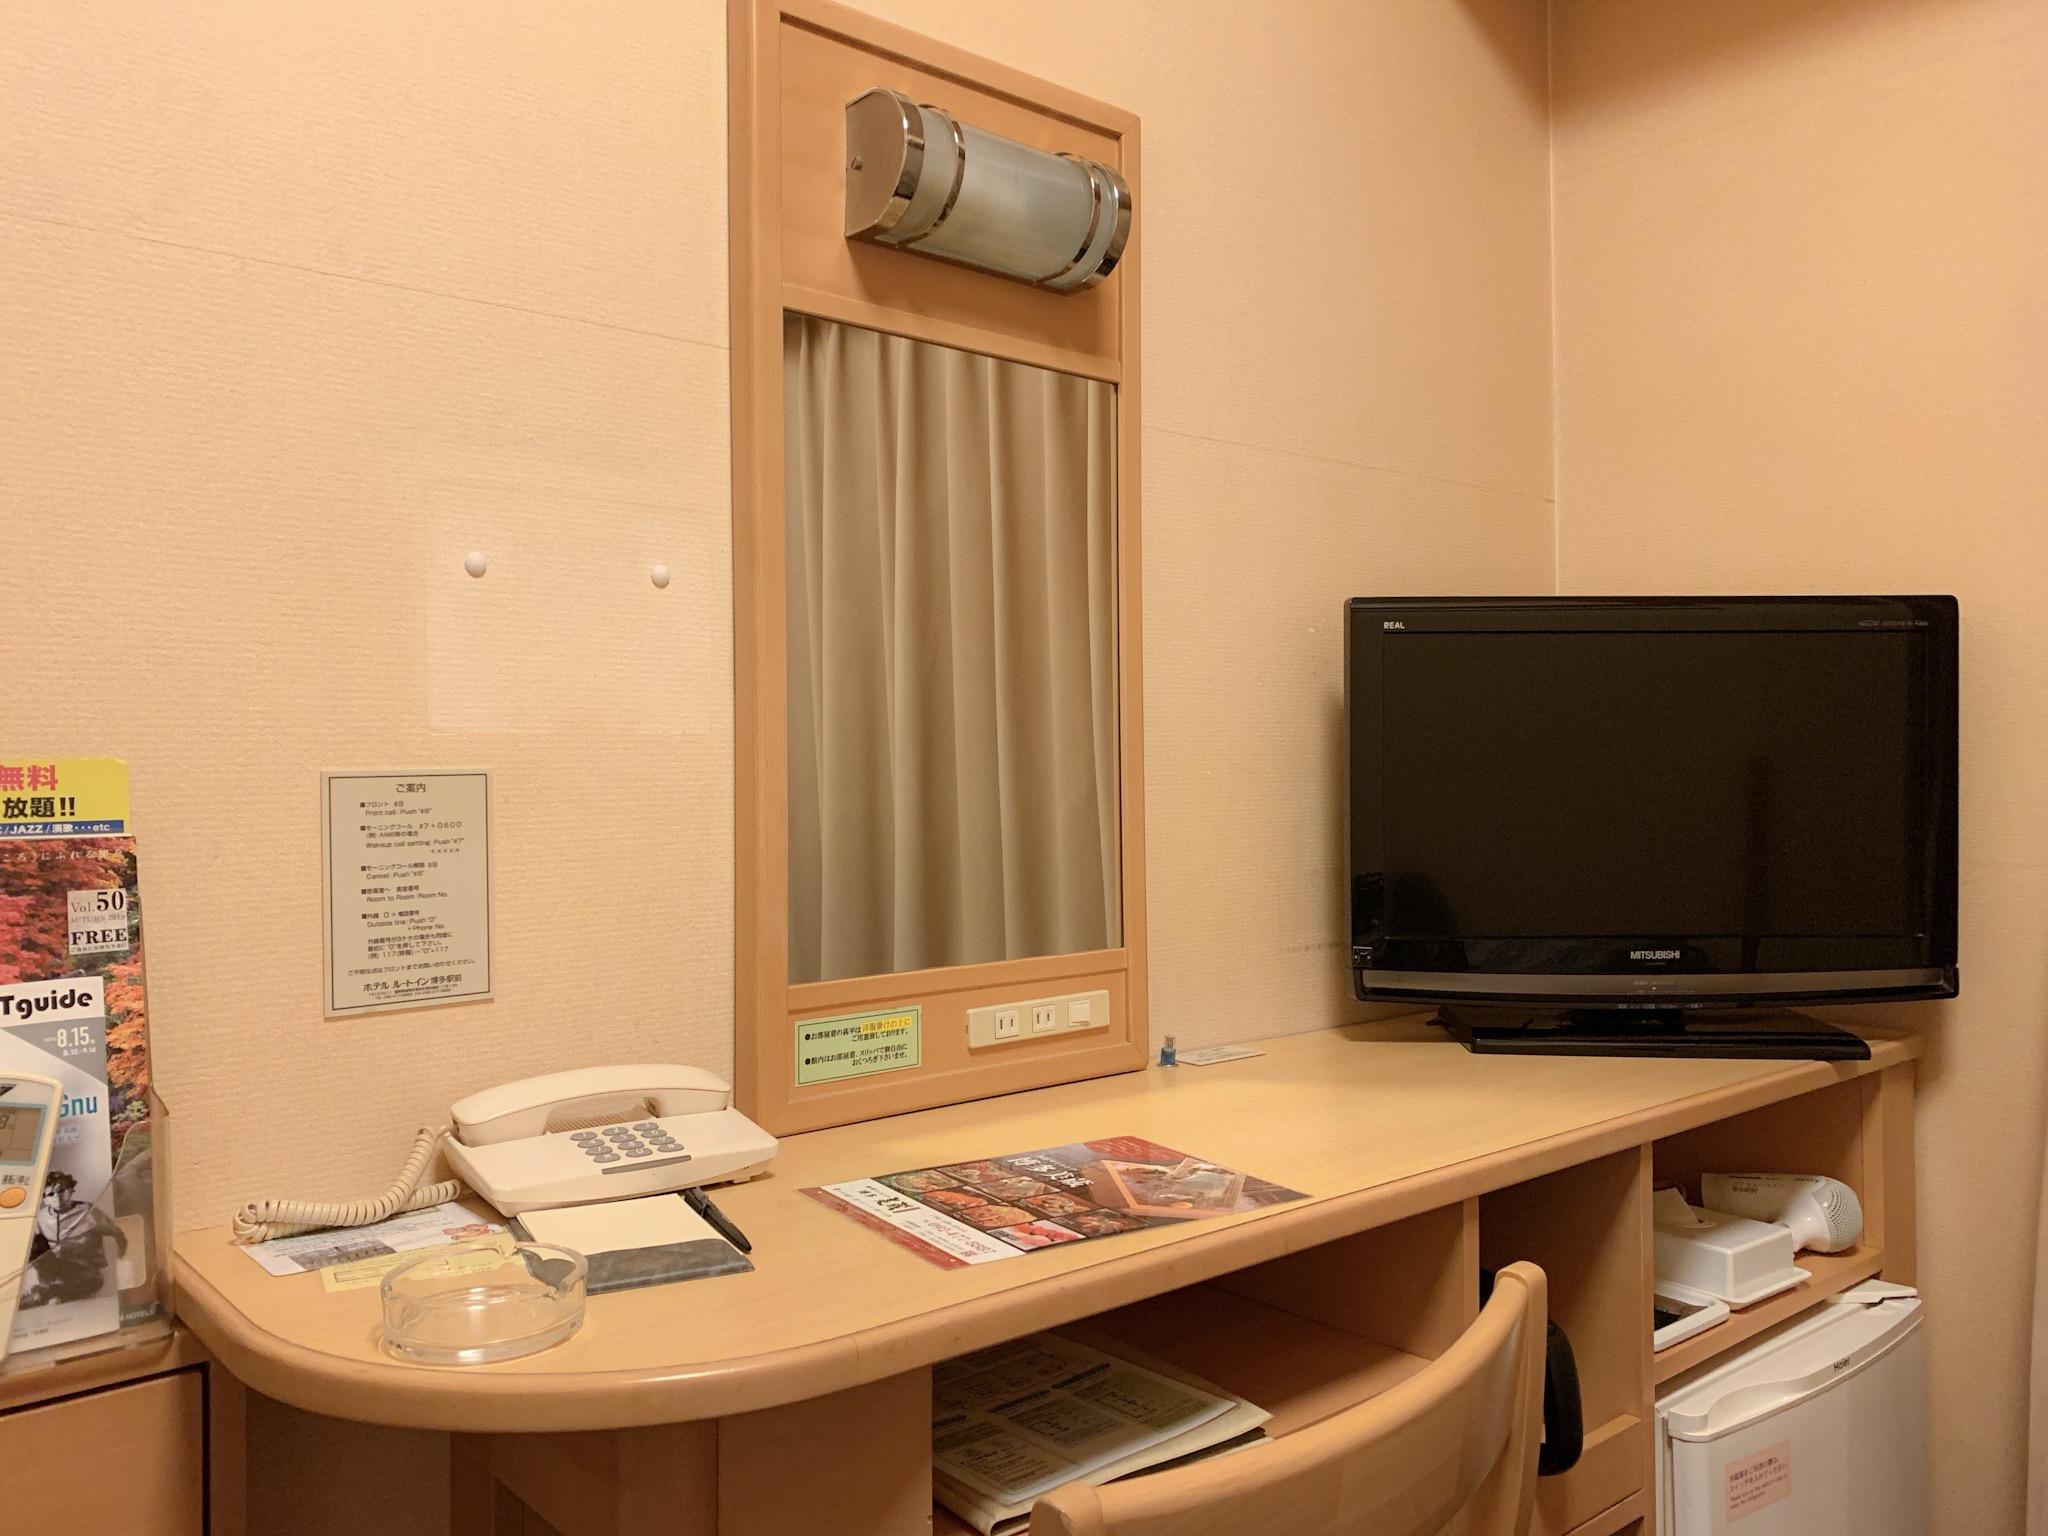 福岡観光に泊まるならここをすすめたい!ホテルルートイン博多駅前をおすすめする理由